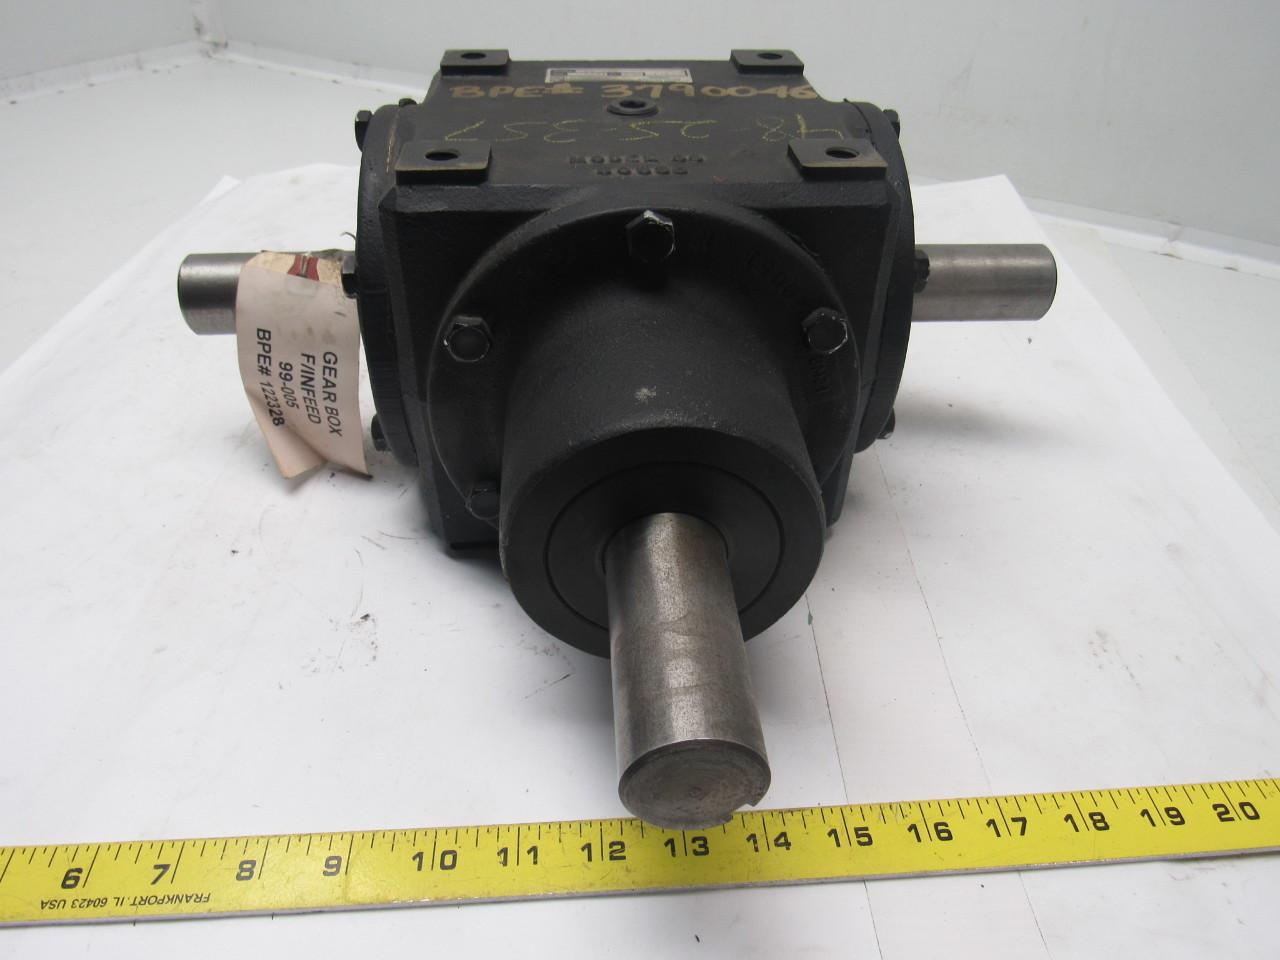 Washington scientific 99 005 von ruden right angle gear for Von ruden hydraulic motor